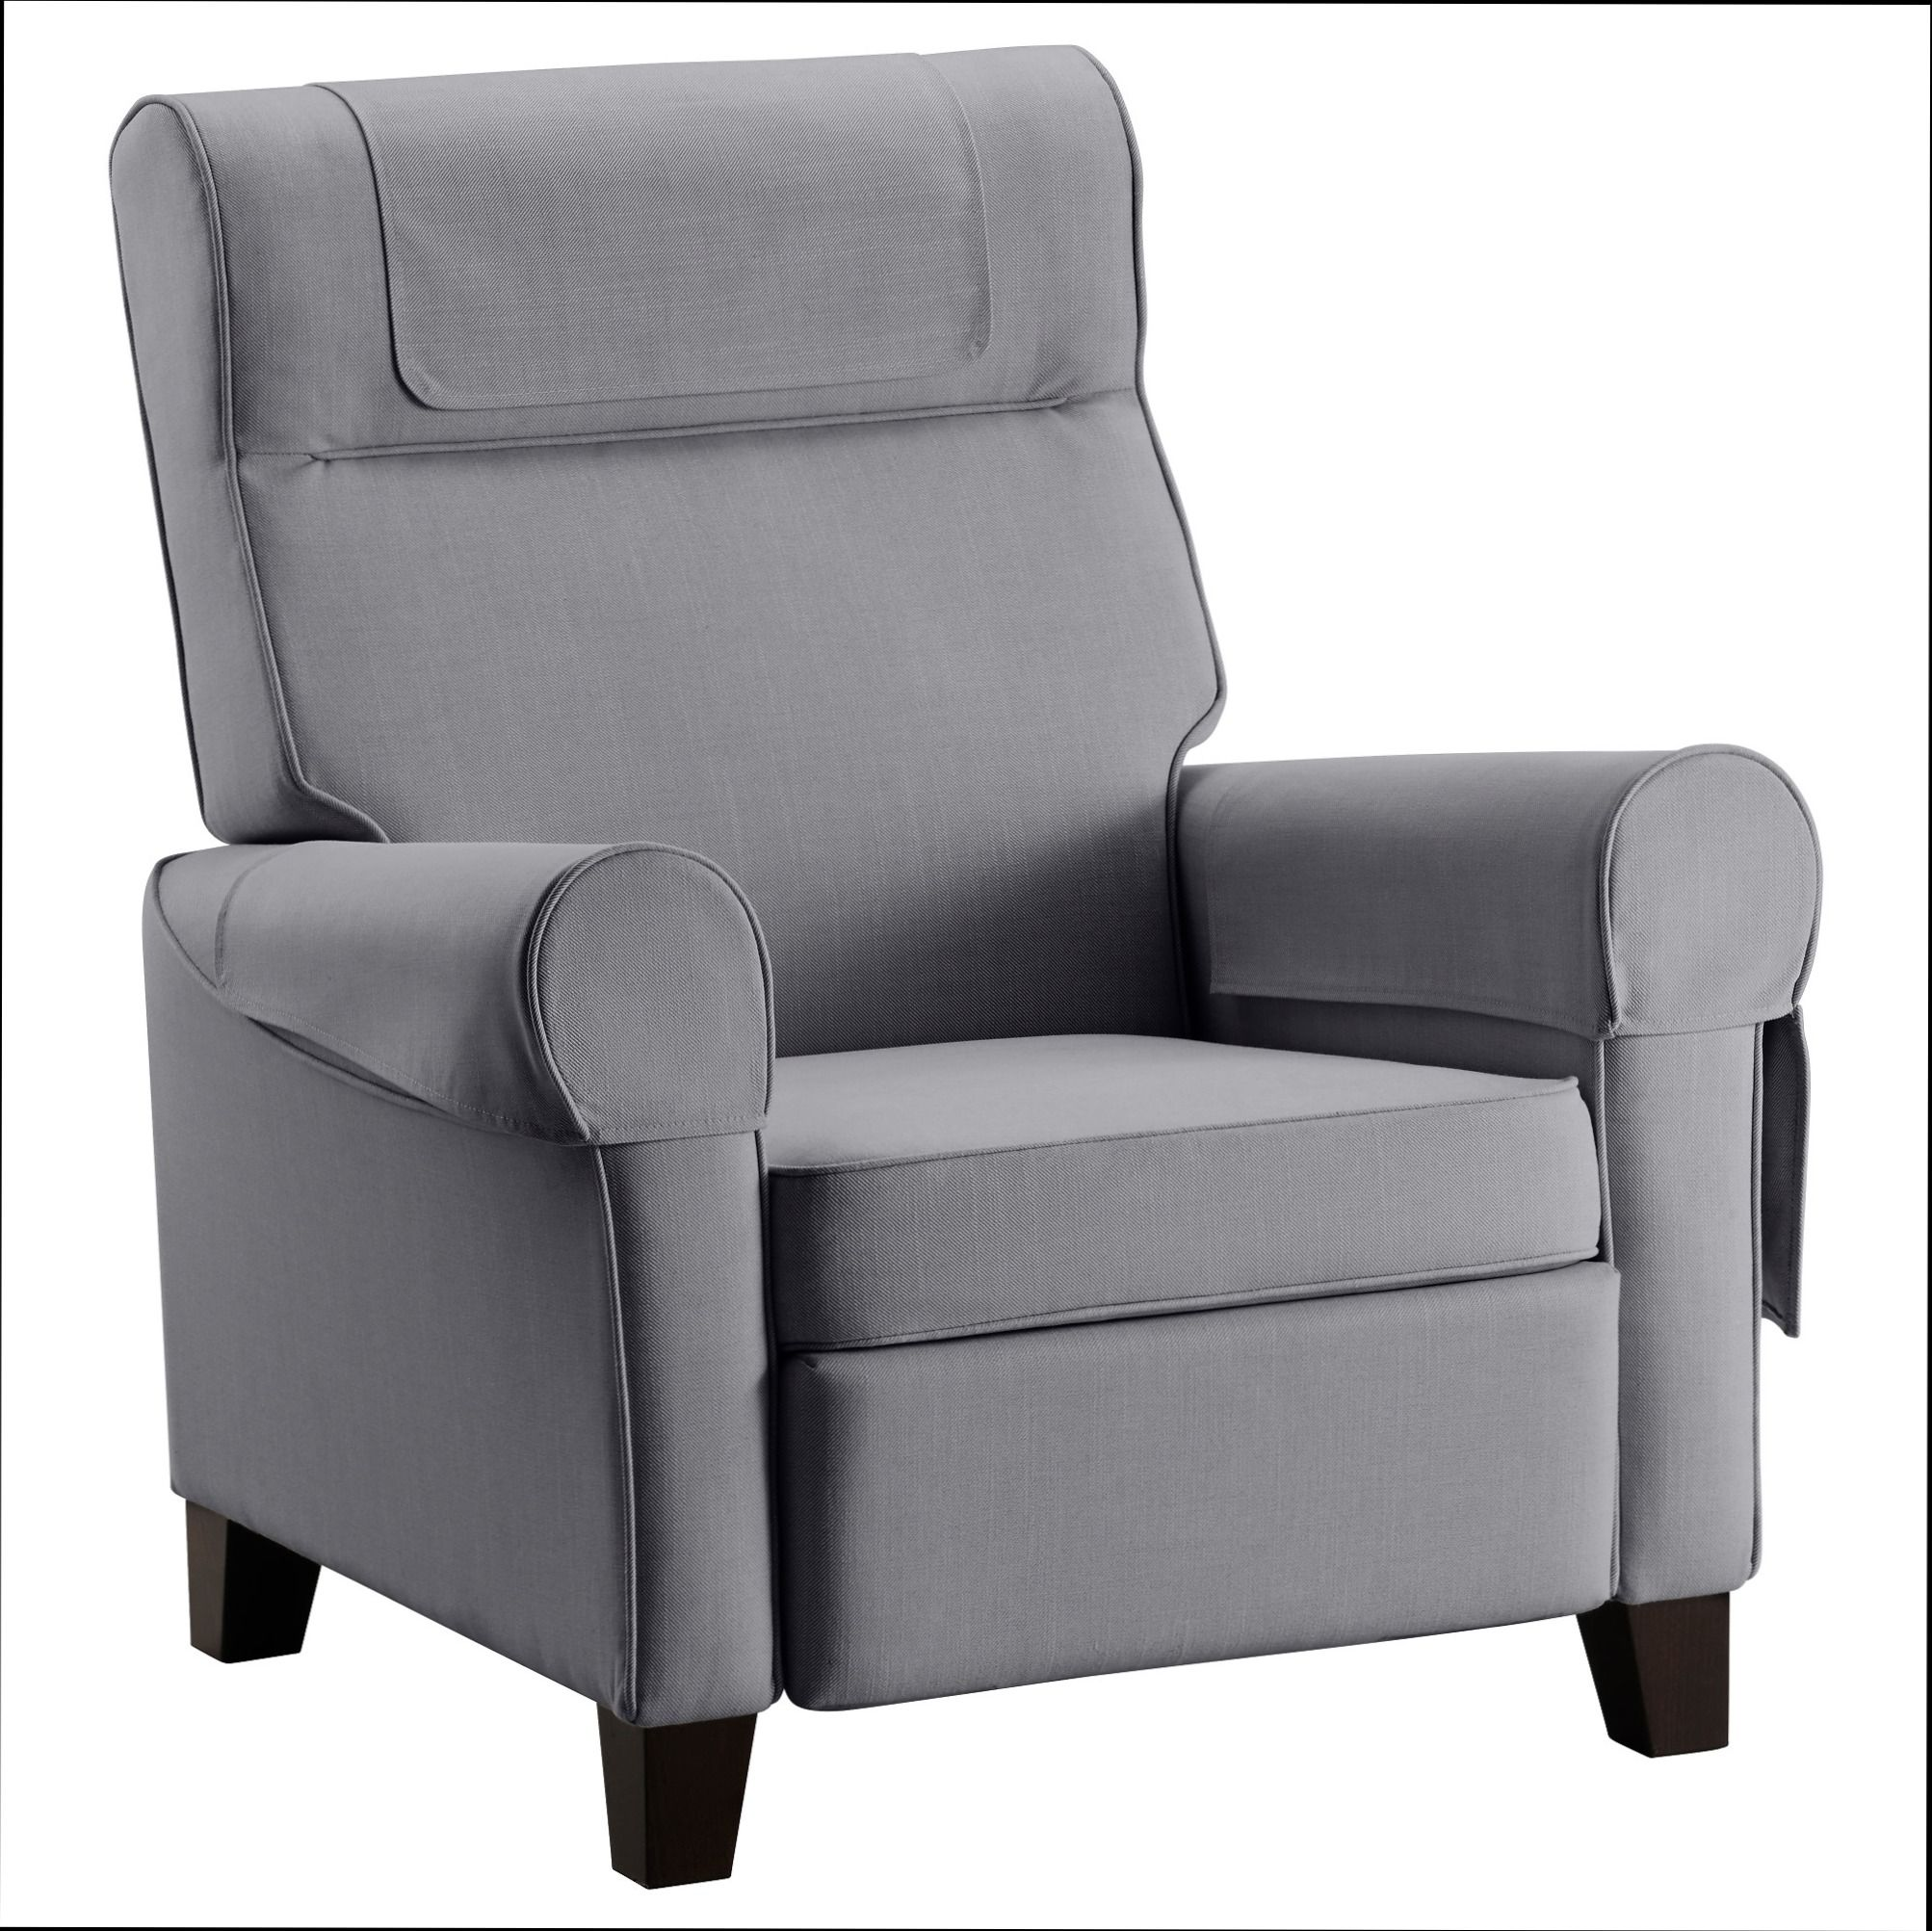 Full Size of Moderne Sessel Ikea Ohrensessel Blau Schn Sofa Mit Schlaffunktion Küche Kosten Betten Bei 160x200 Relaxsessel Garten Kaufen Aldi Modulküche Miniküche Wohnzimmer Ikea Relaxsessel